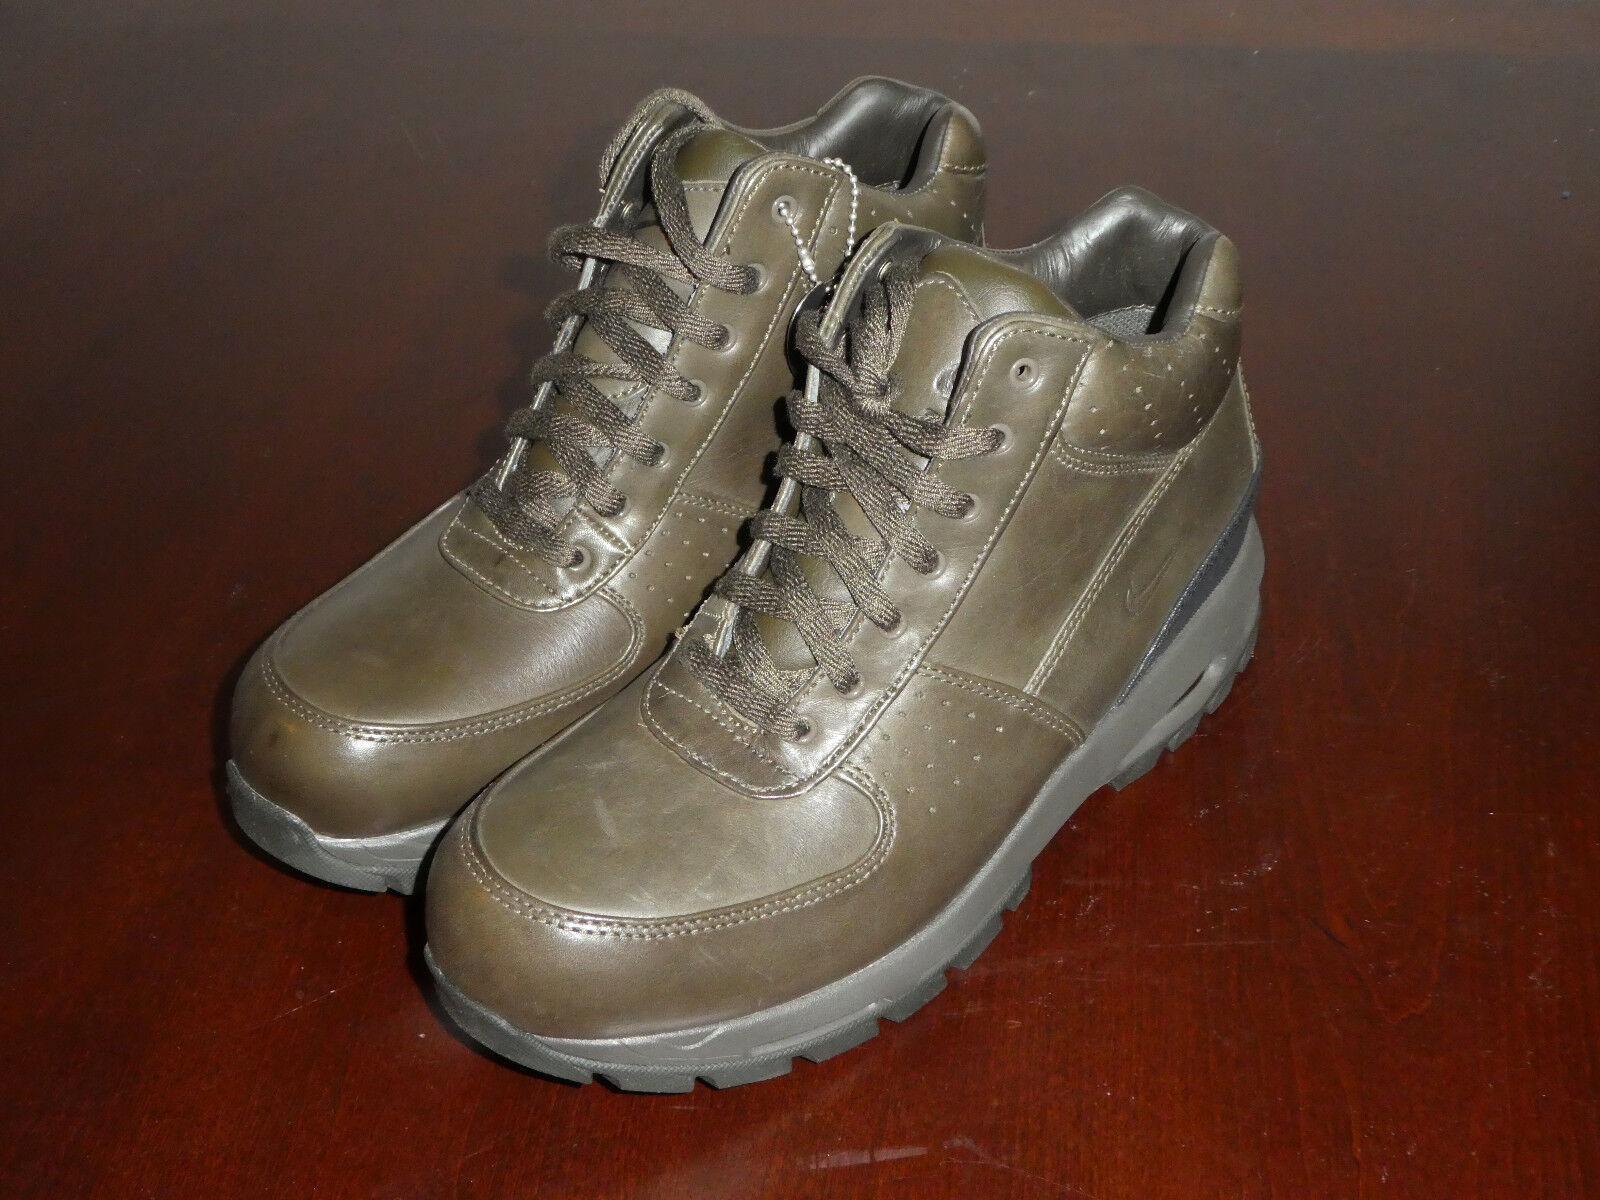 Nike Air Max Goadome mens boots green 865031 205 new